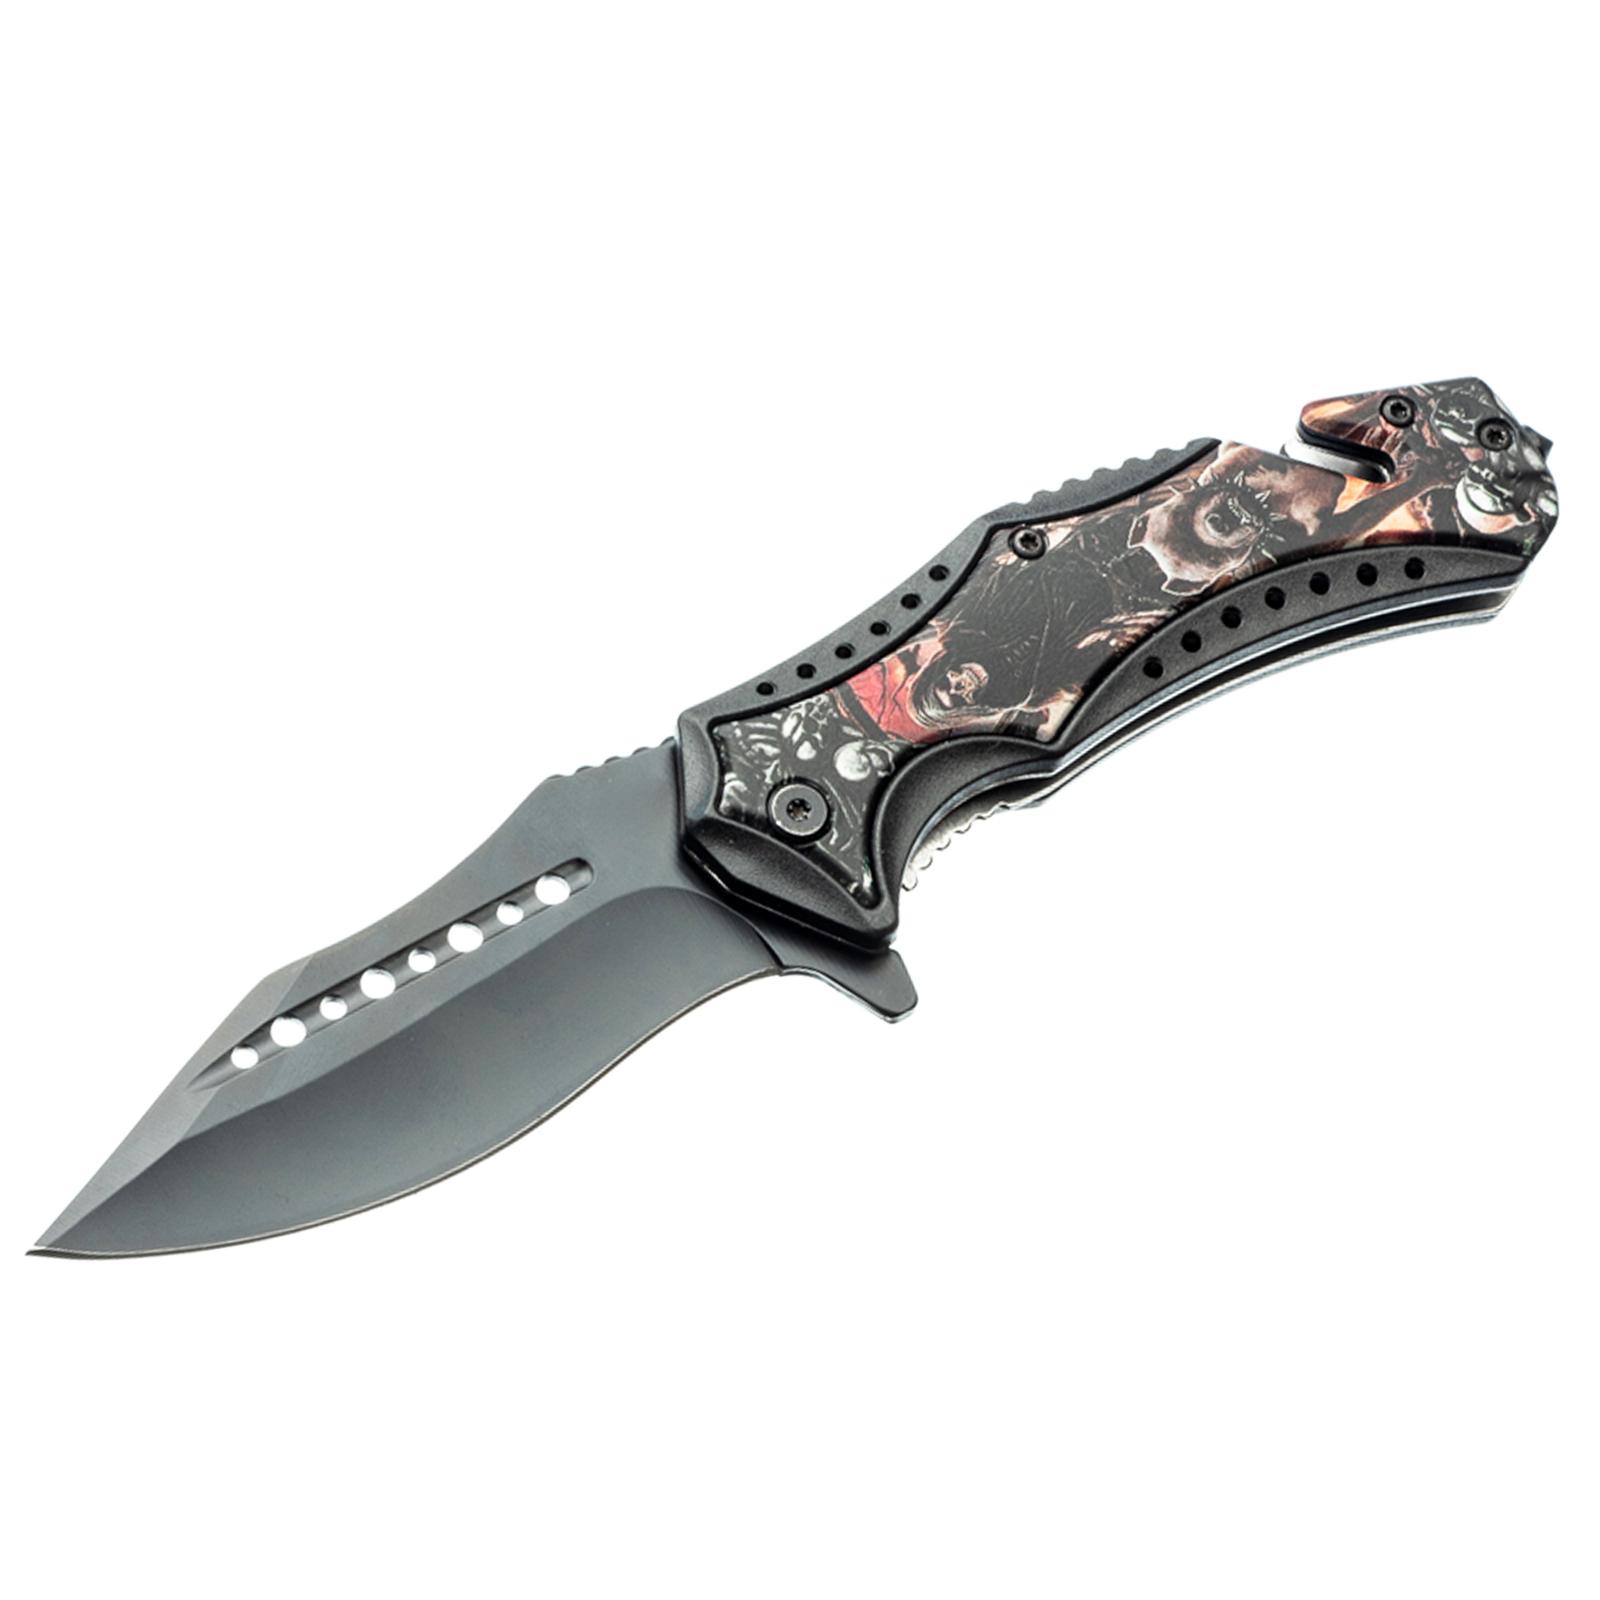 ASR Outdoor Clip Point Pocket Knife Reaper Bulldog Design